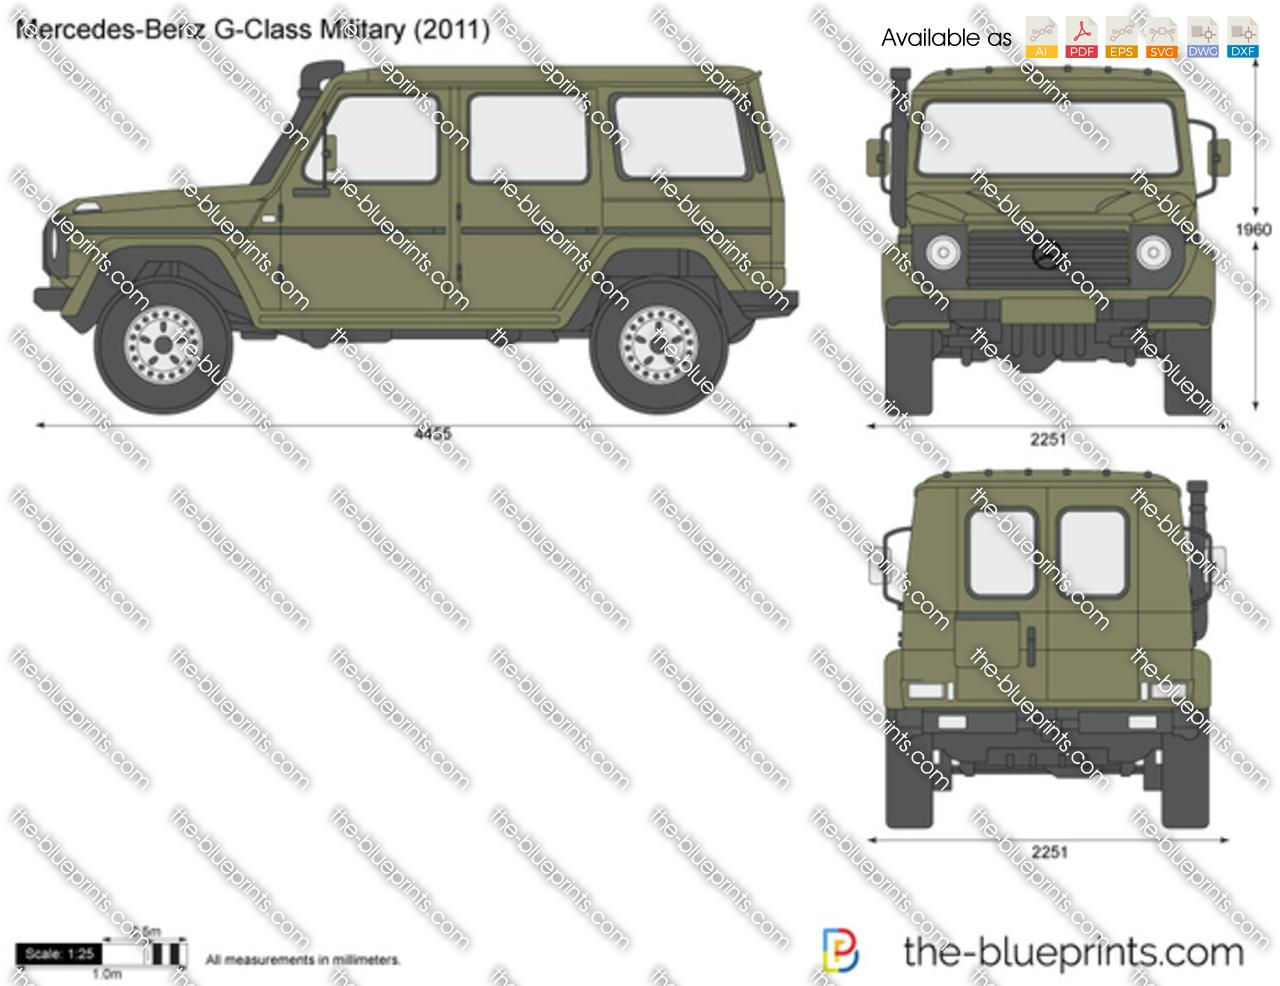 Mercedes-Benz G-Class Military 461 2003